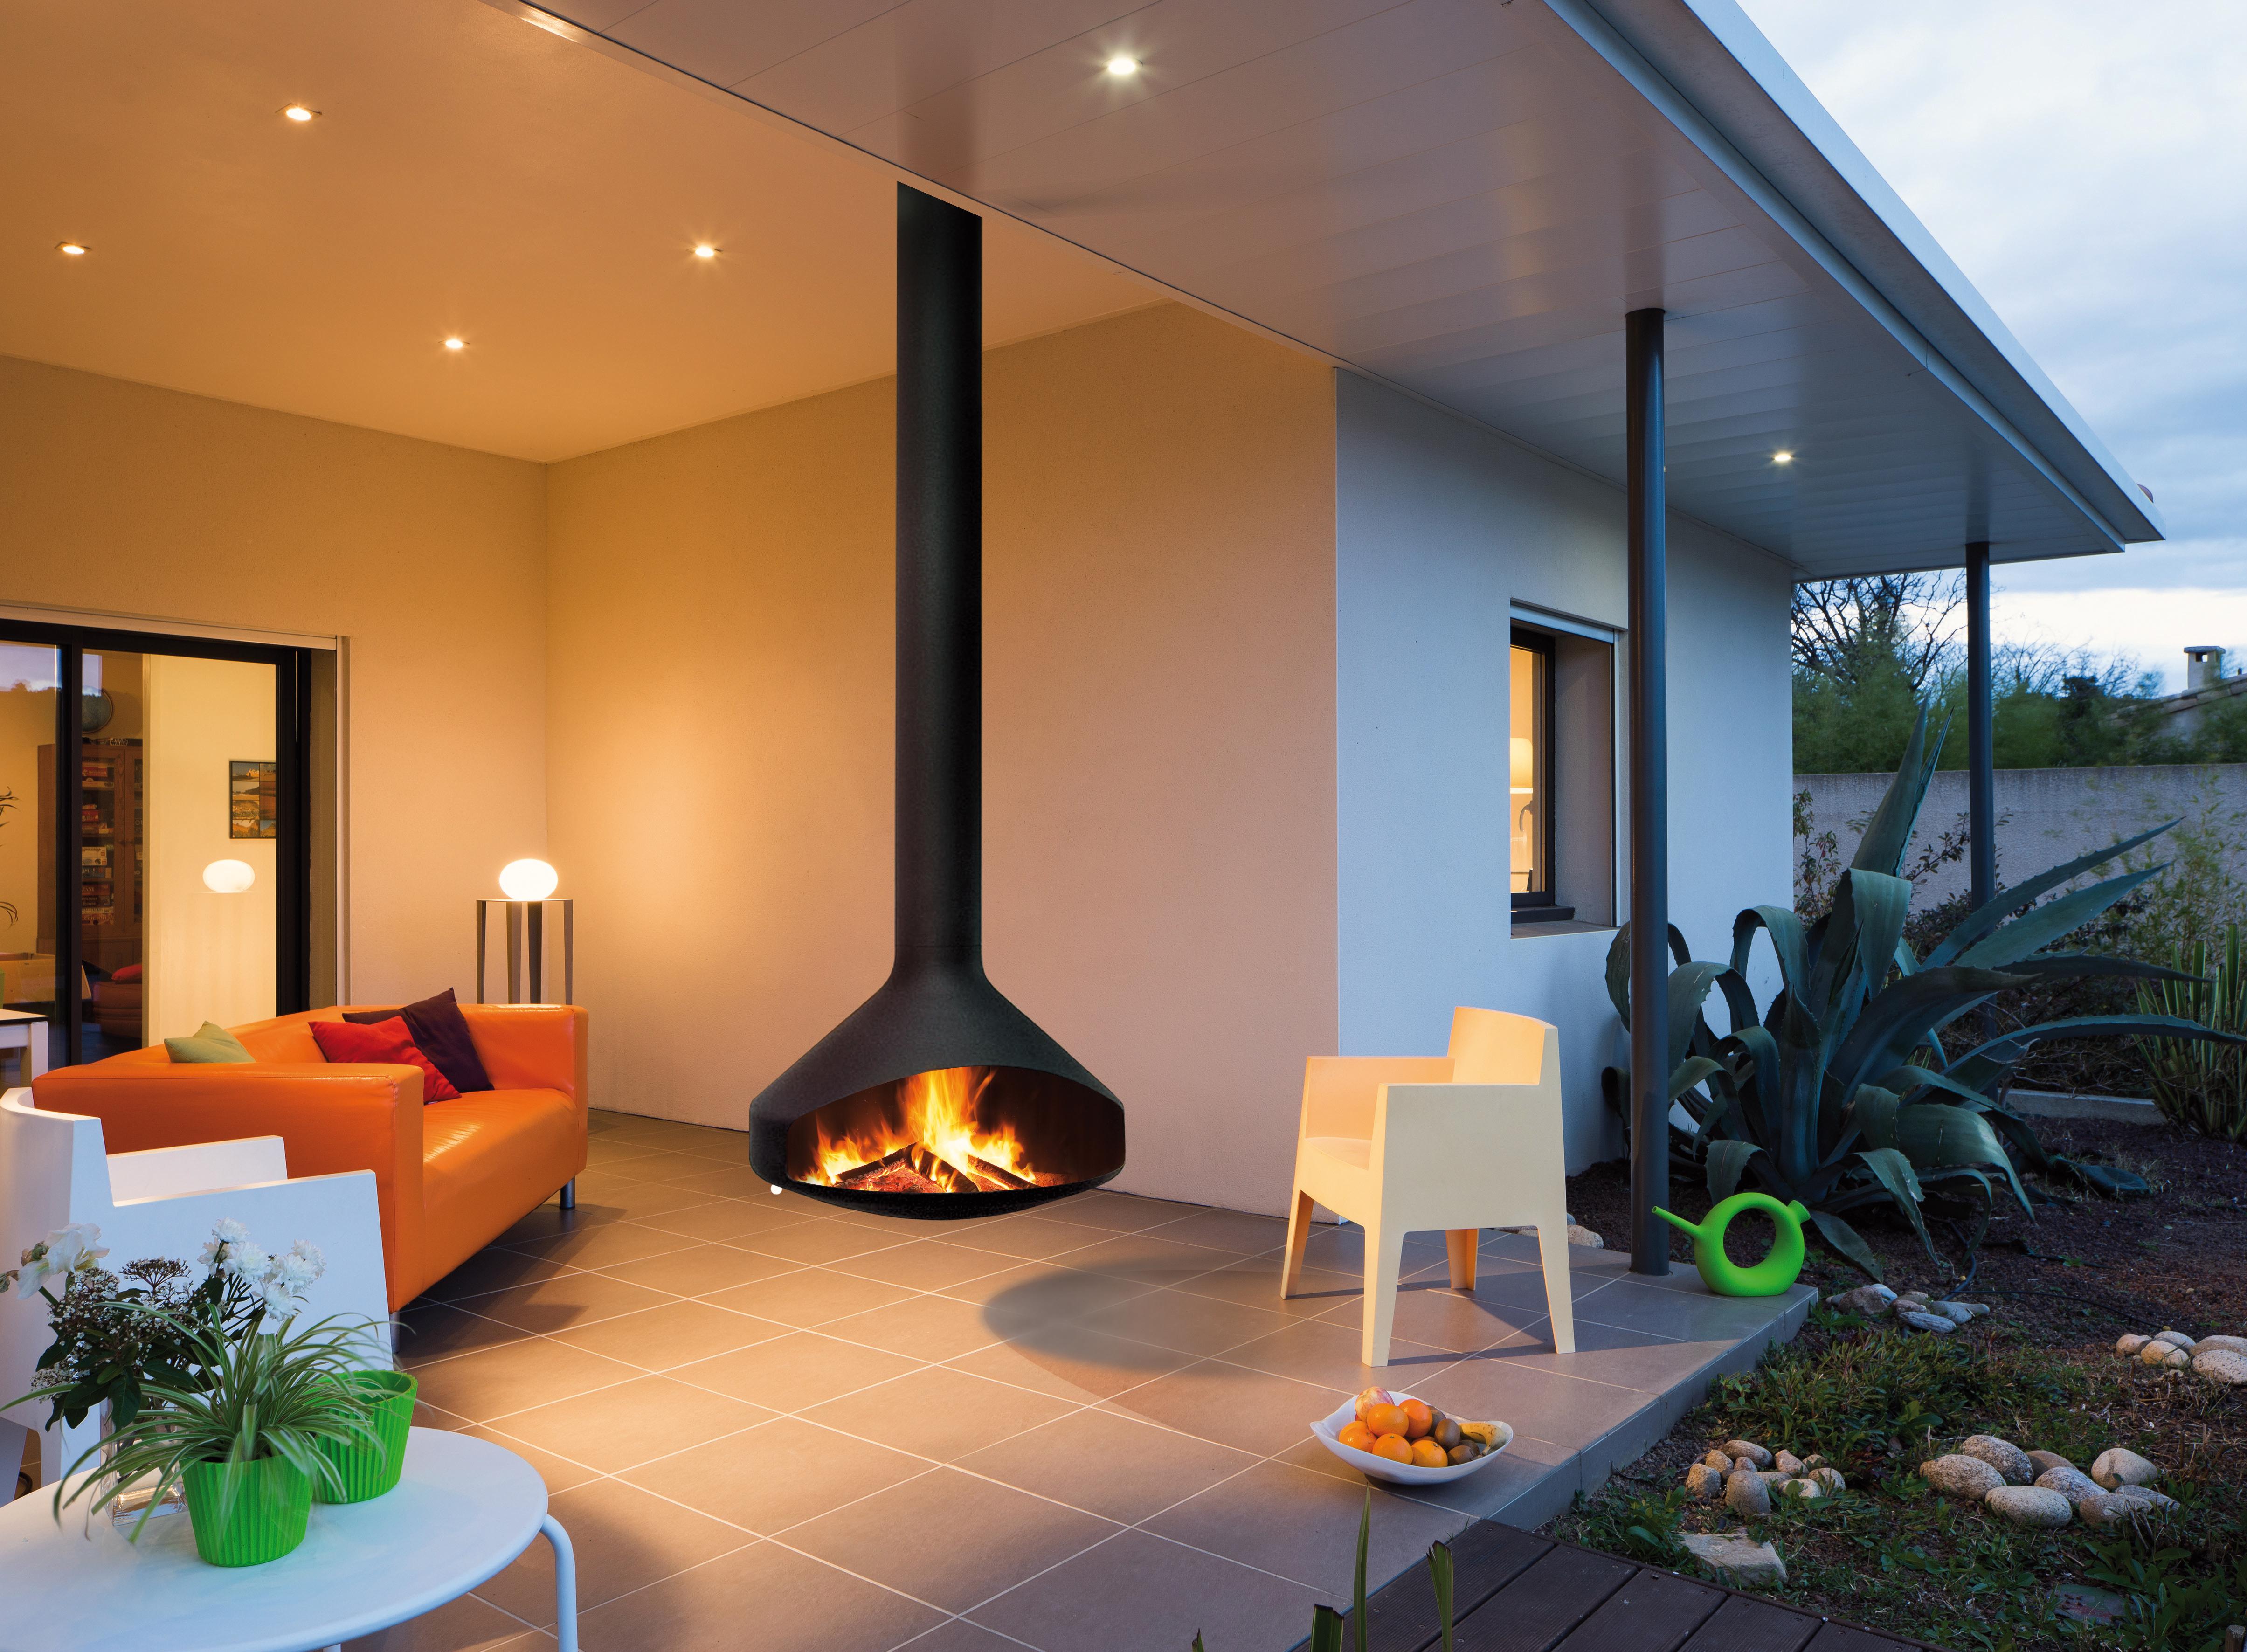 chimenea design de exterior Ergofocus outdoor